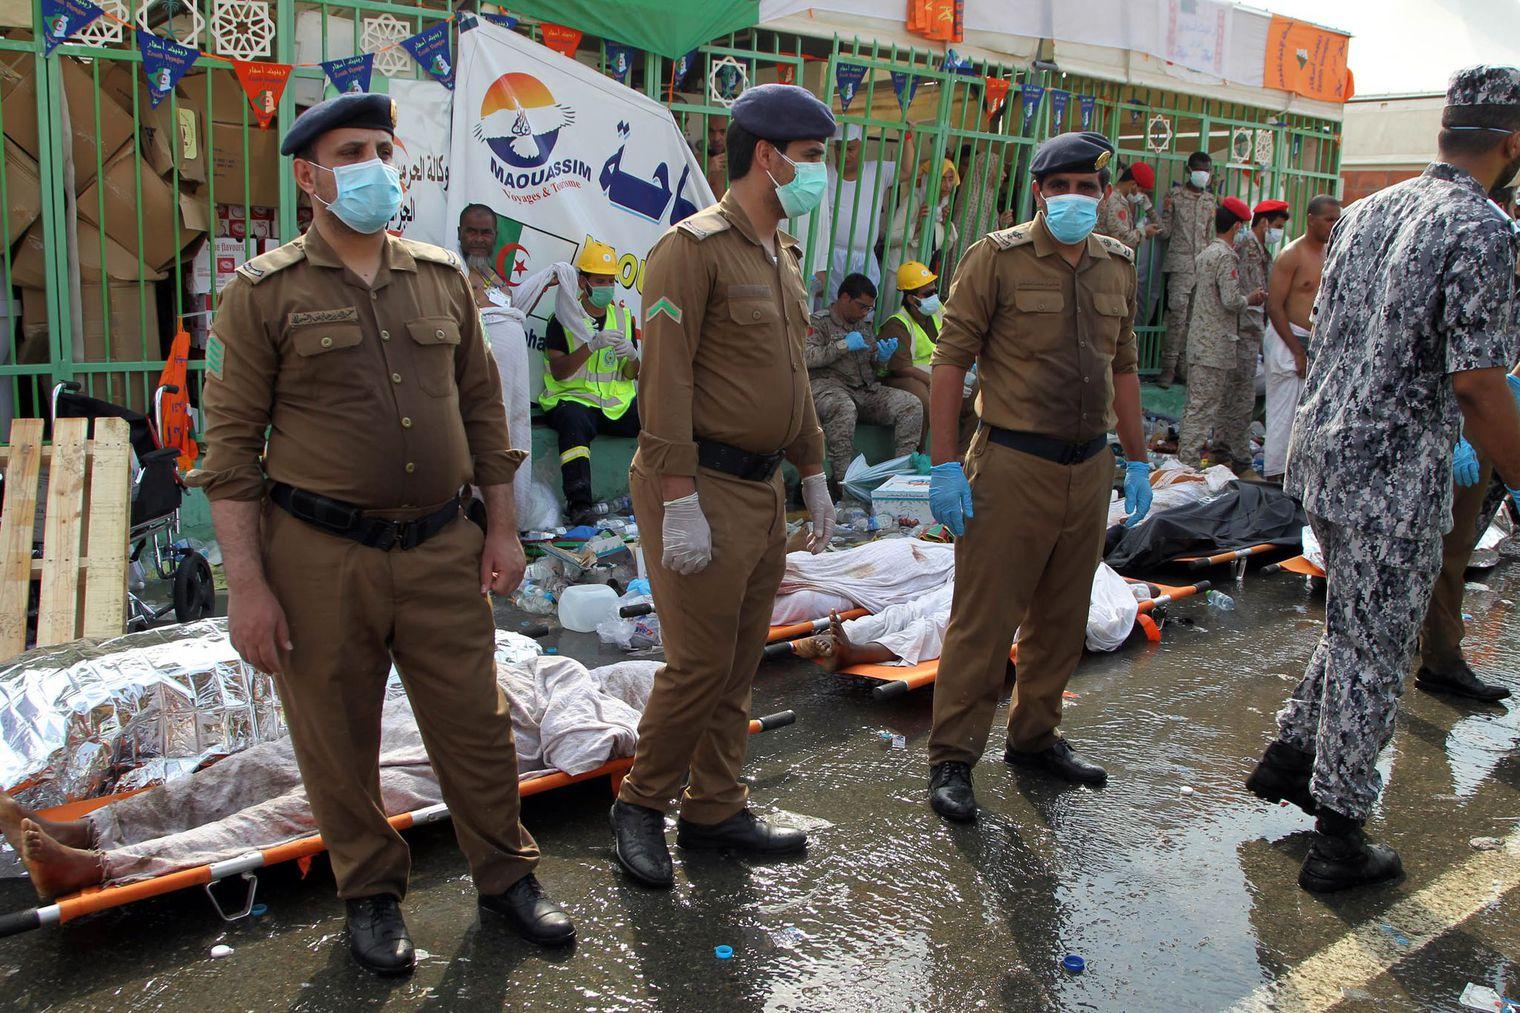 Arabie Saoudite,Suspension entrée pèlerins